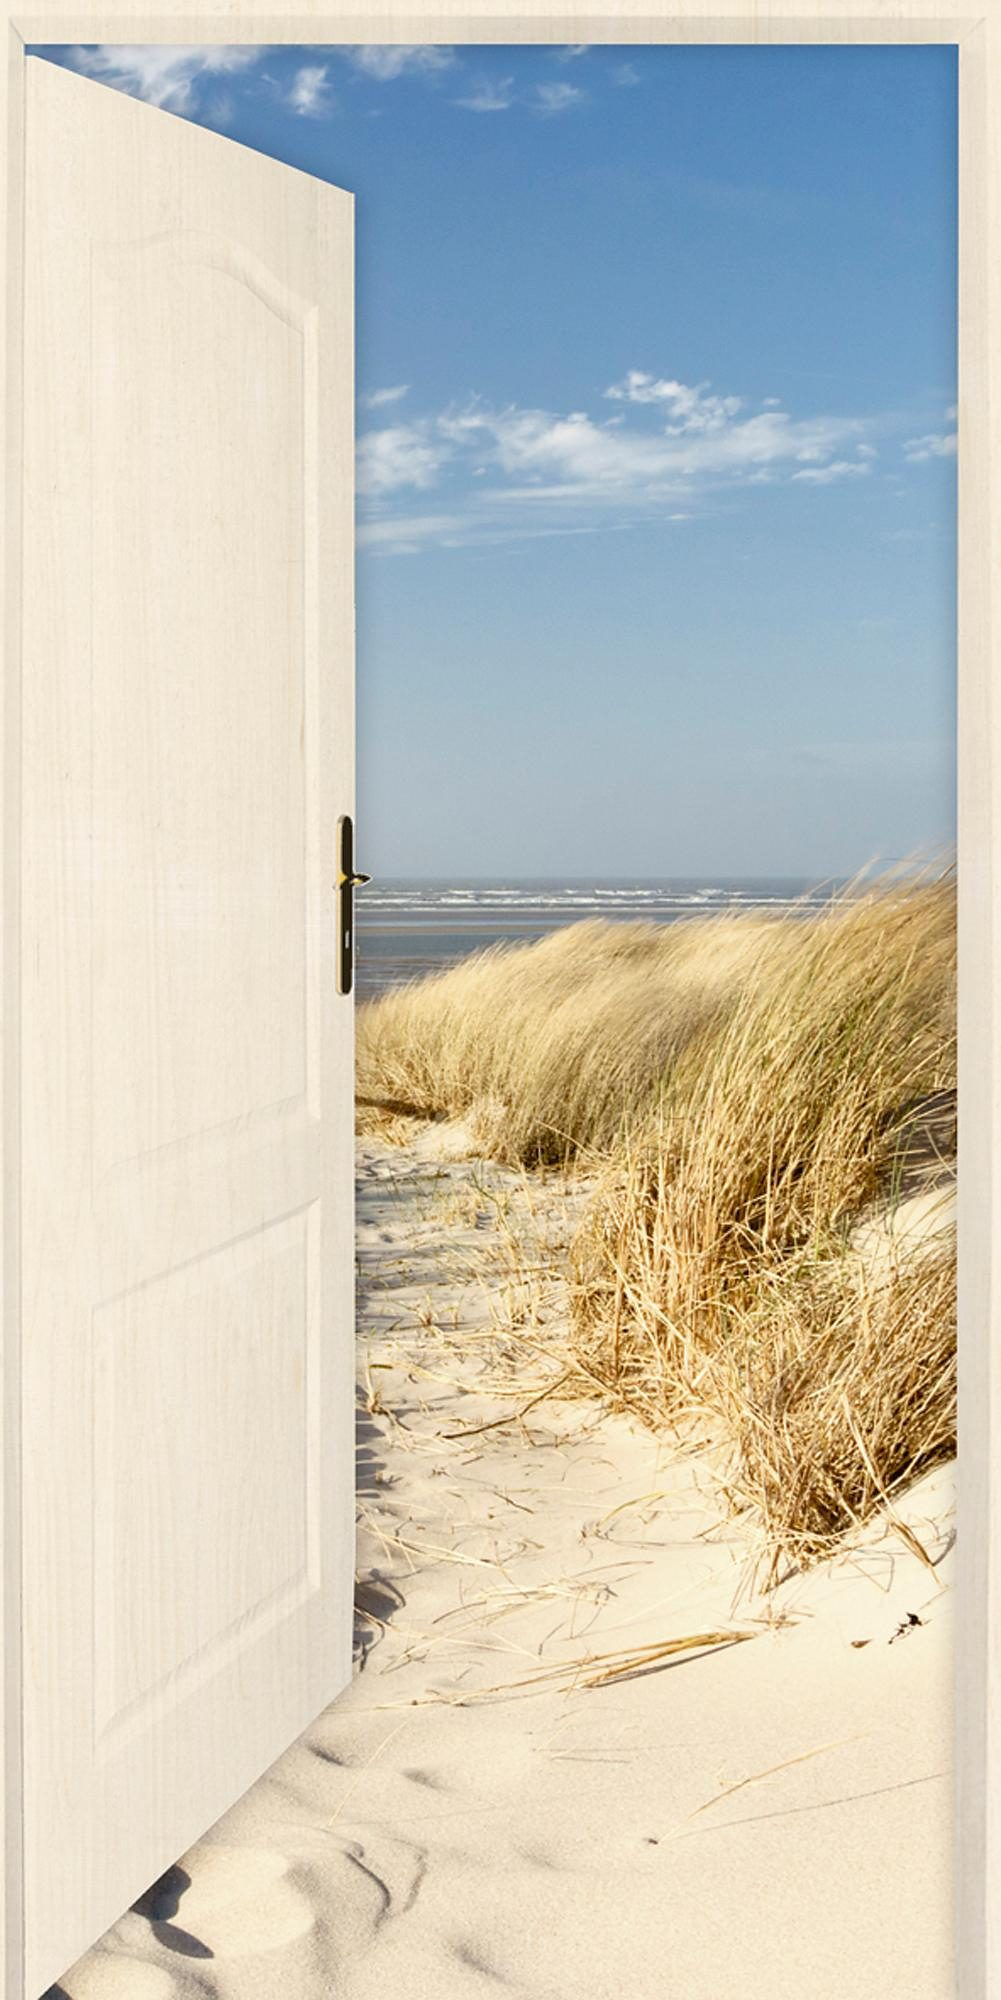 Home affaire Leinwandbild »E. Gruendemann: Offene weiße Tür mit Blick auf den Strand«, 50/100 cm